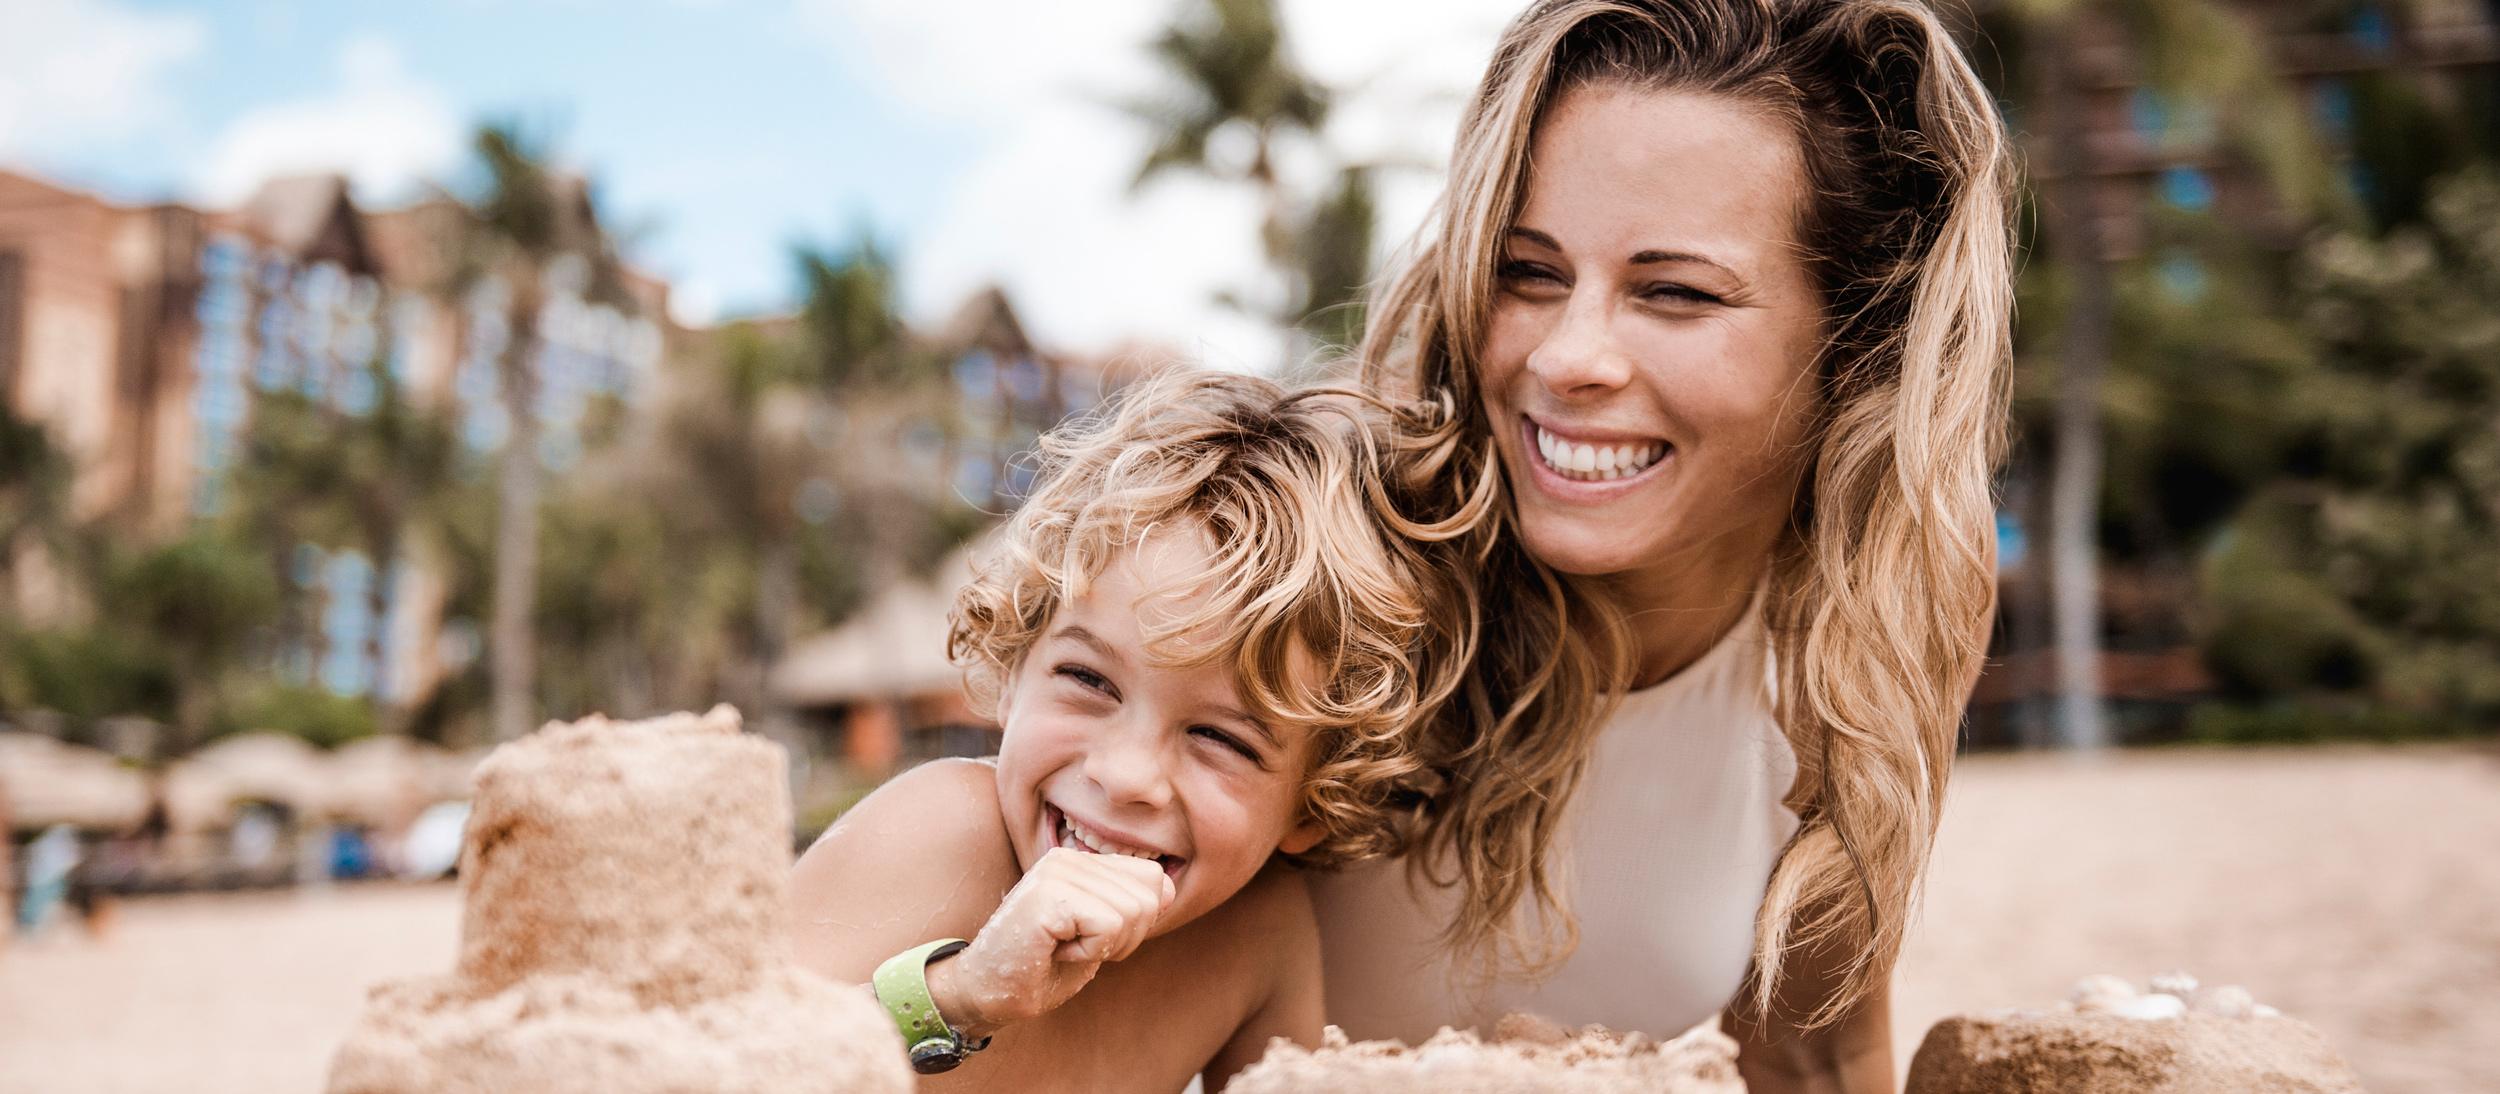 コオリナ・ビーチで砂のお城を作る笑顔のママと男の子